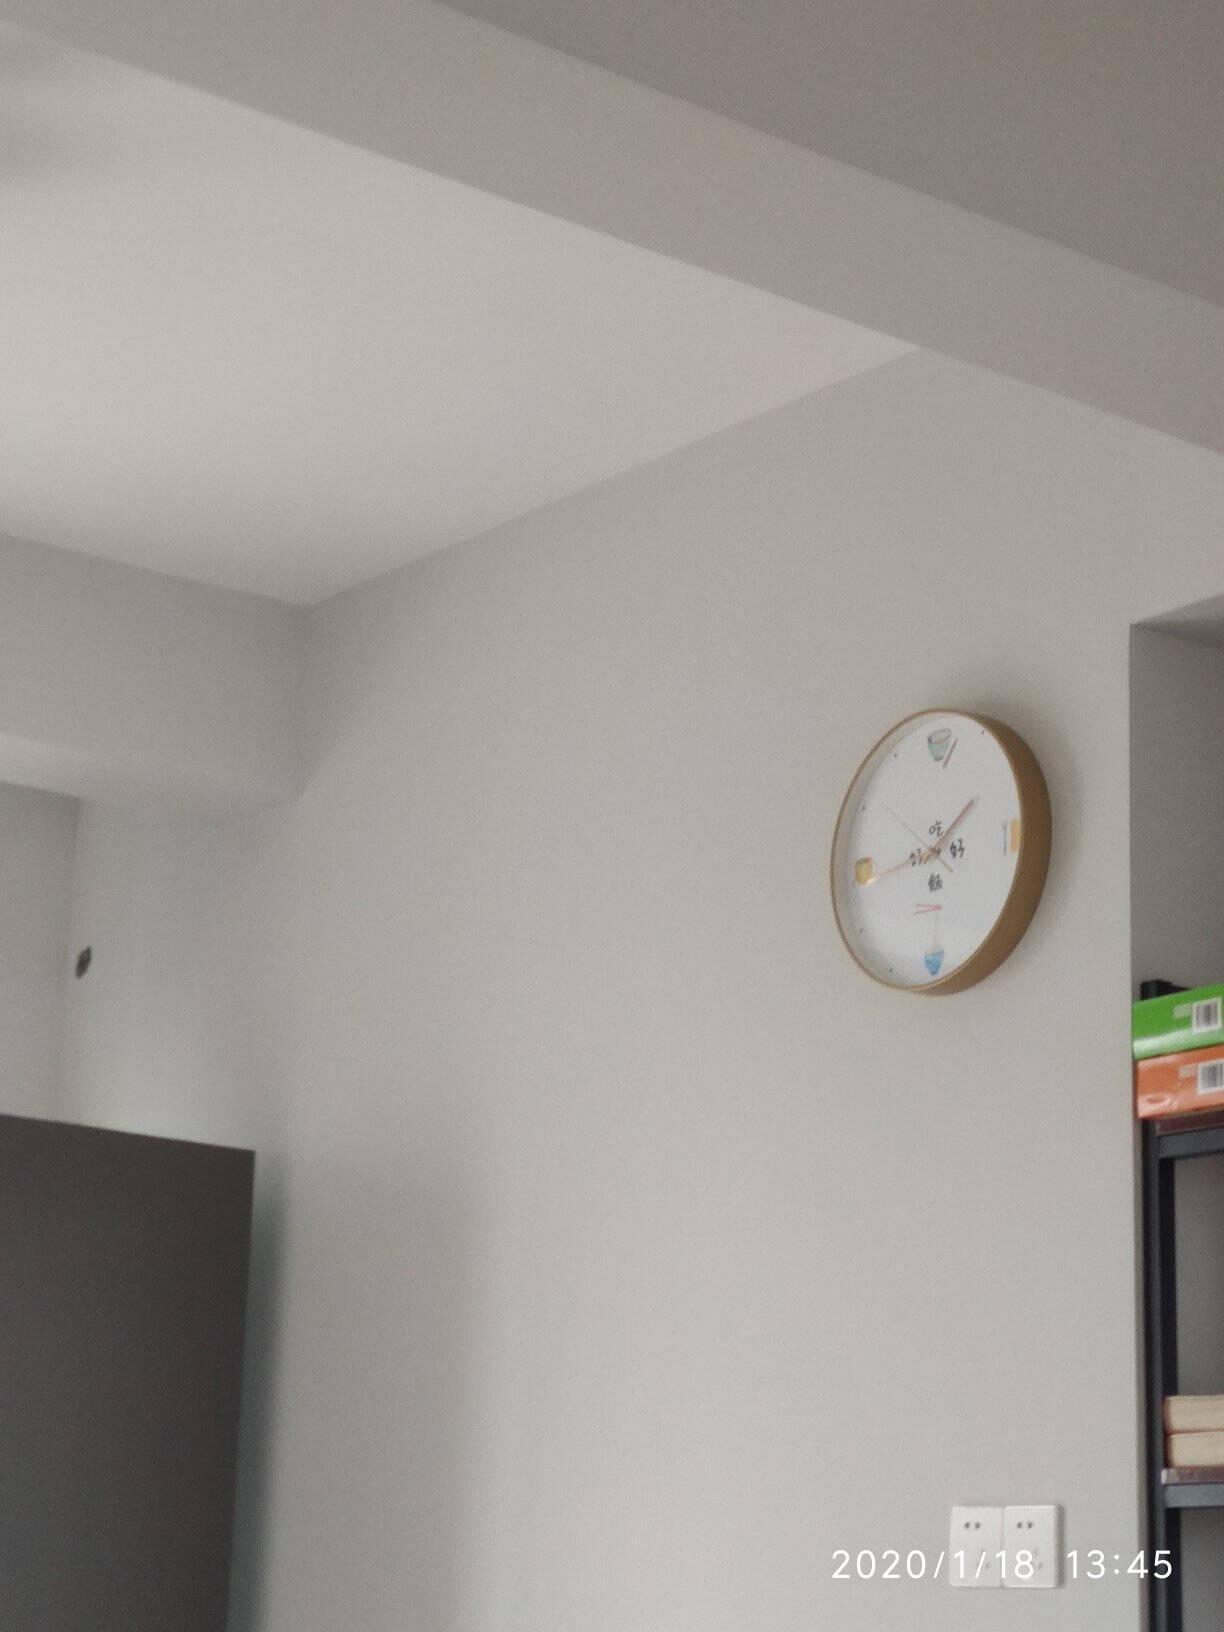 现代简约北欧挂钟客厅卧室个性家用静音时钟创意石英钟表墙上壁钟艺术数字时尚无声欧式免打孔墙壁挂式表挂墙色彩派-A14寸(直径35cm)